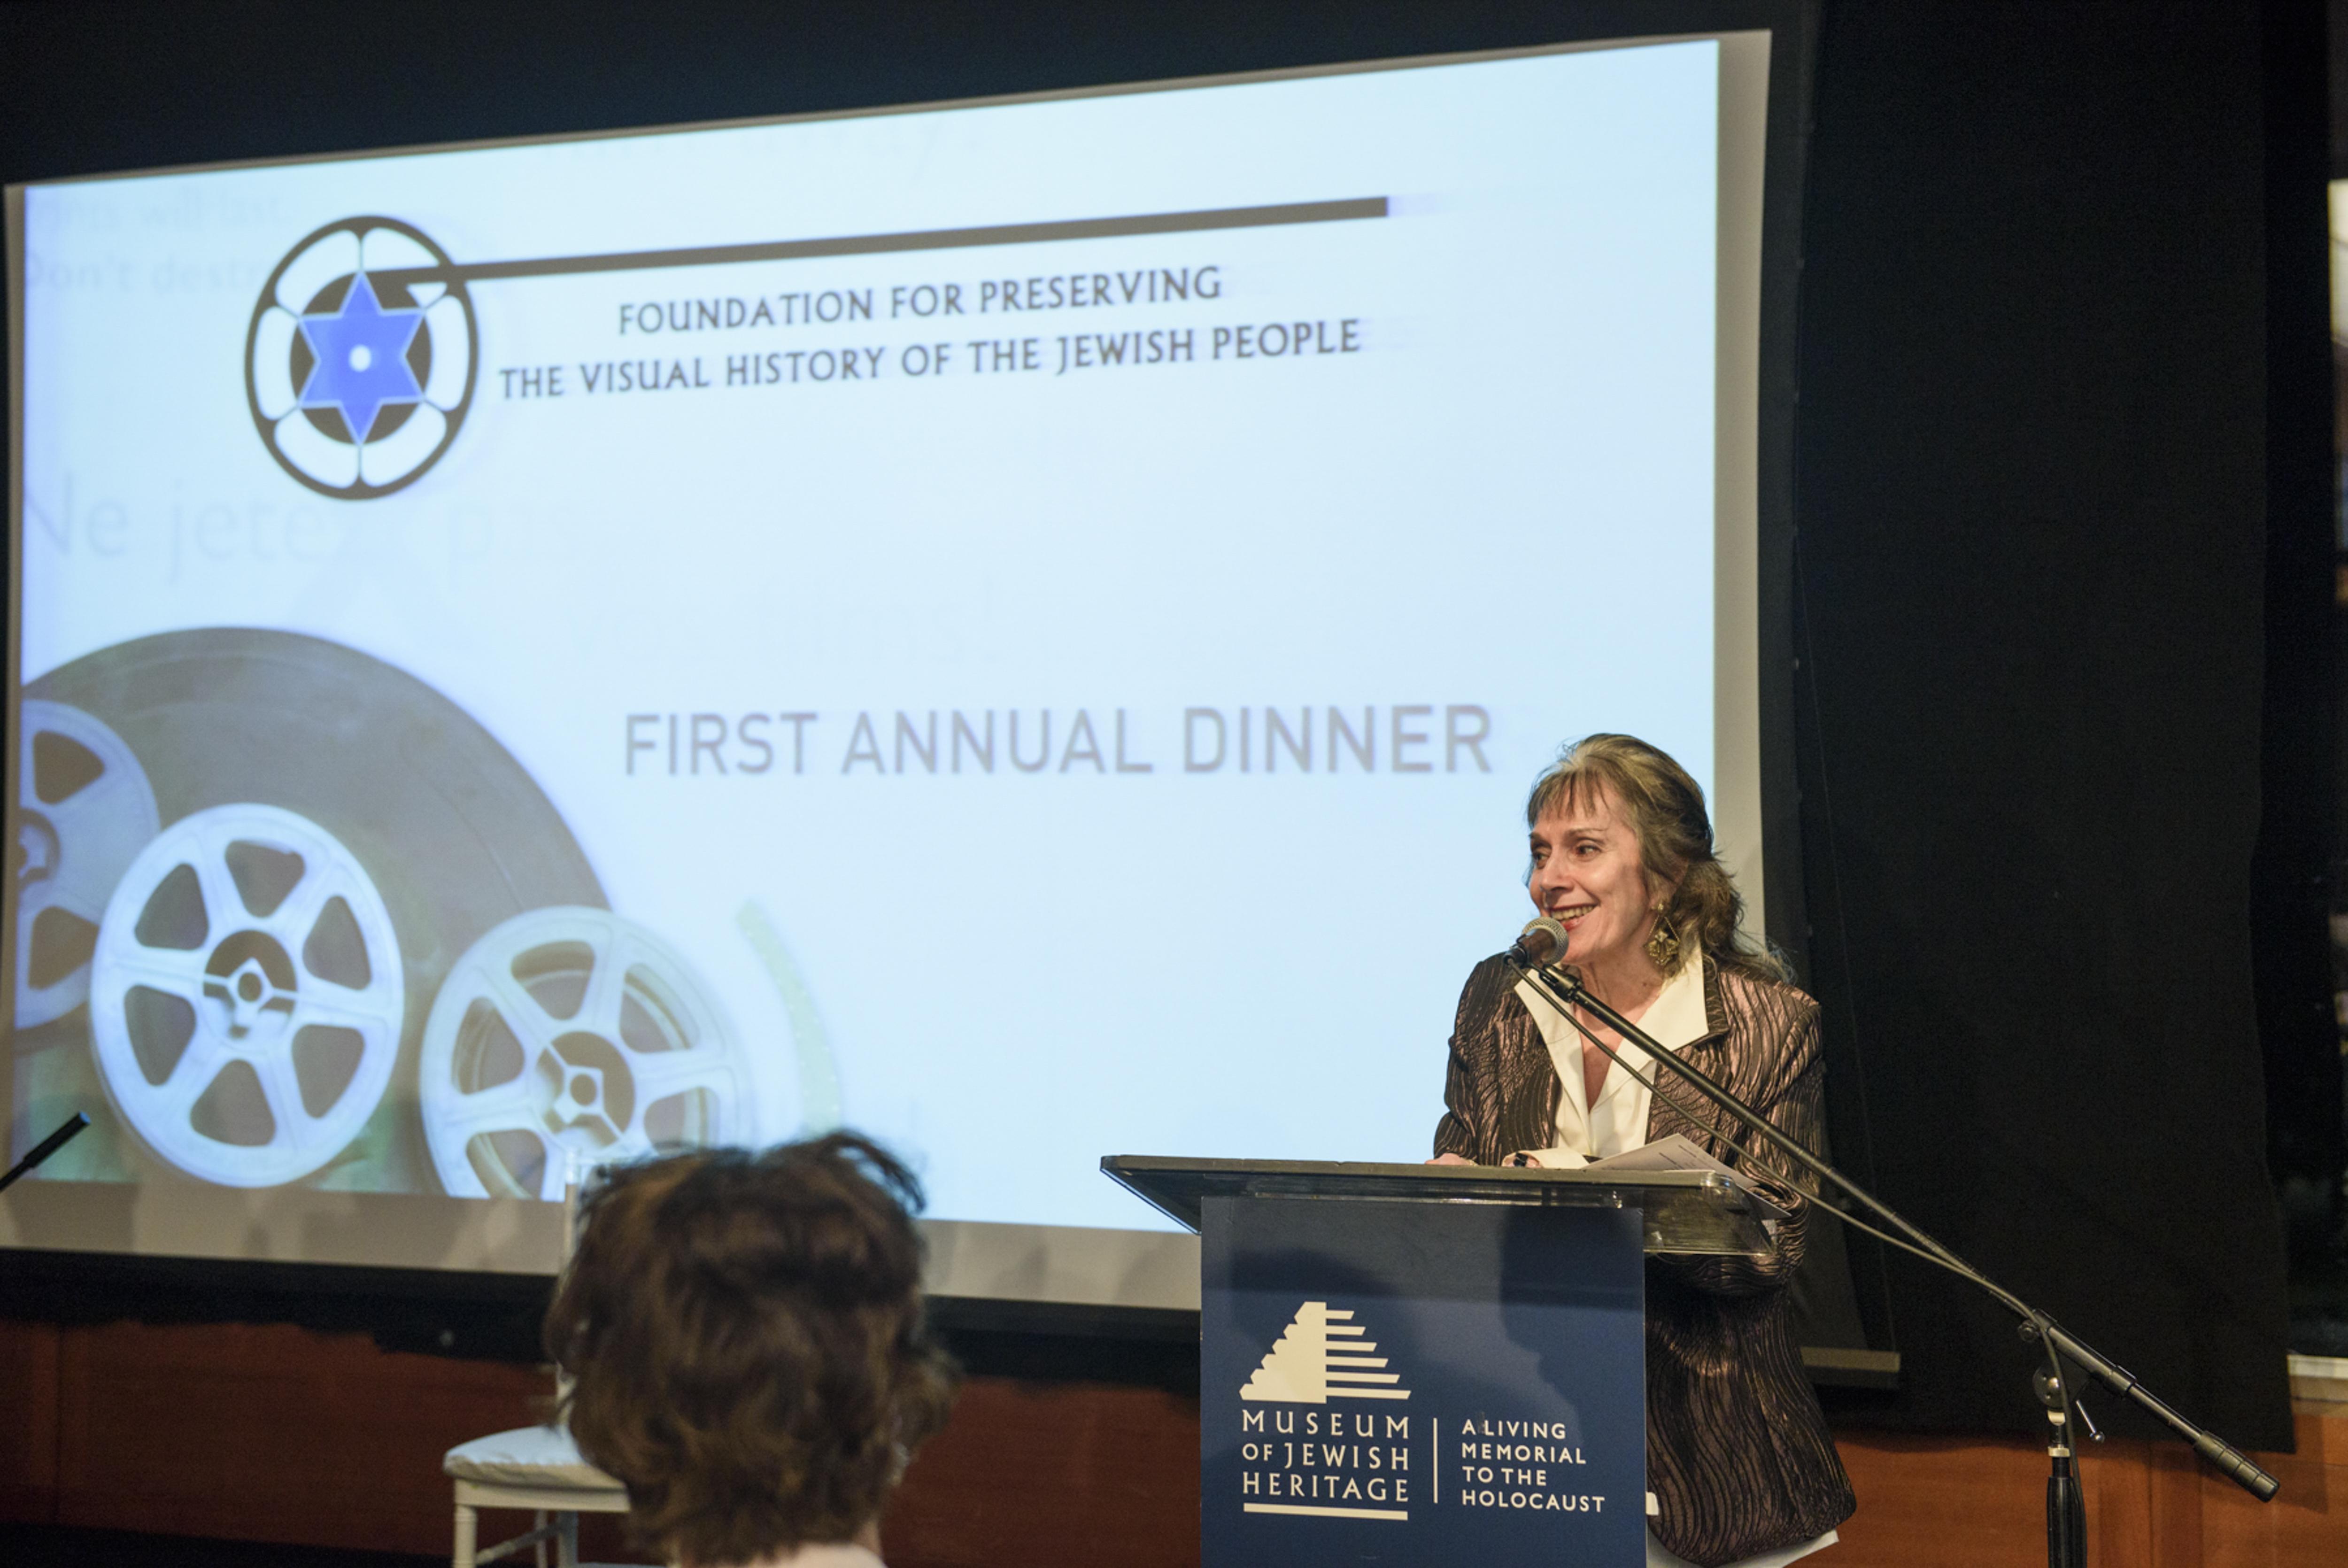 1st Annual Dinner - 256 - Annette Insdorf